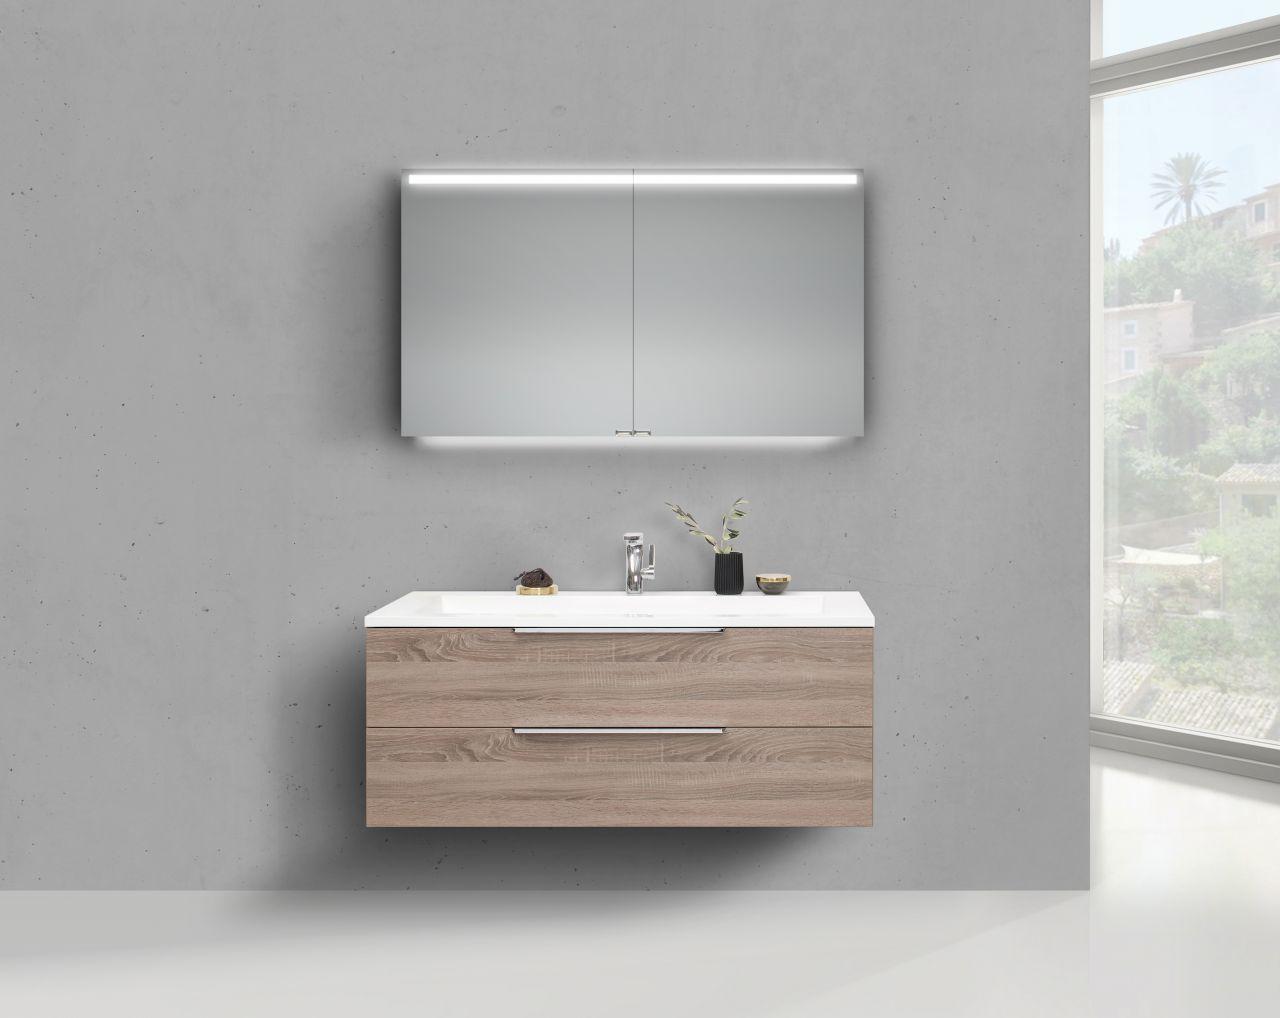 badmobel doppelwaschbecken, intarbad cubo 1200 doppelwaschbecken mit unterschrank und led, Design ideen